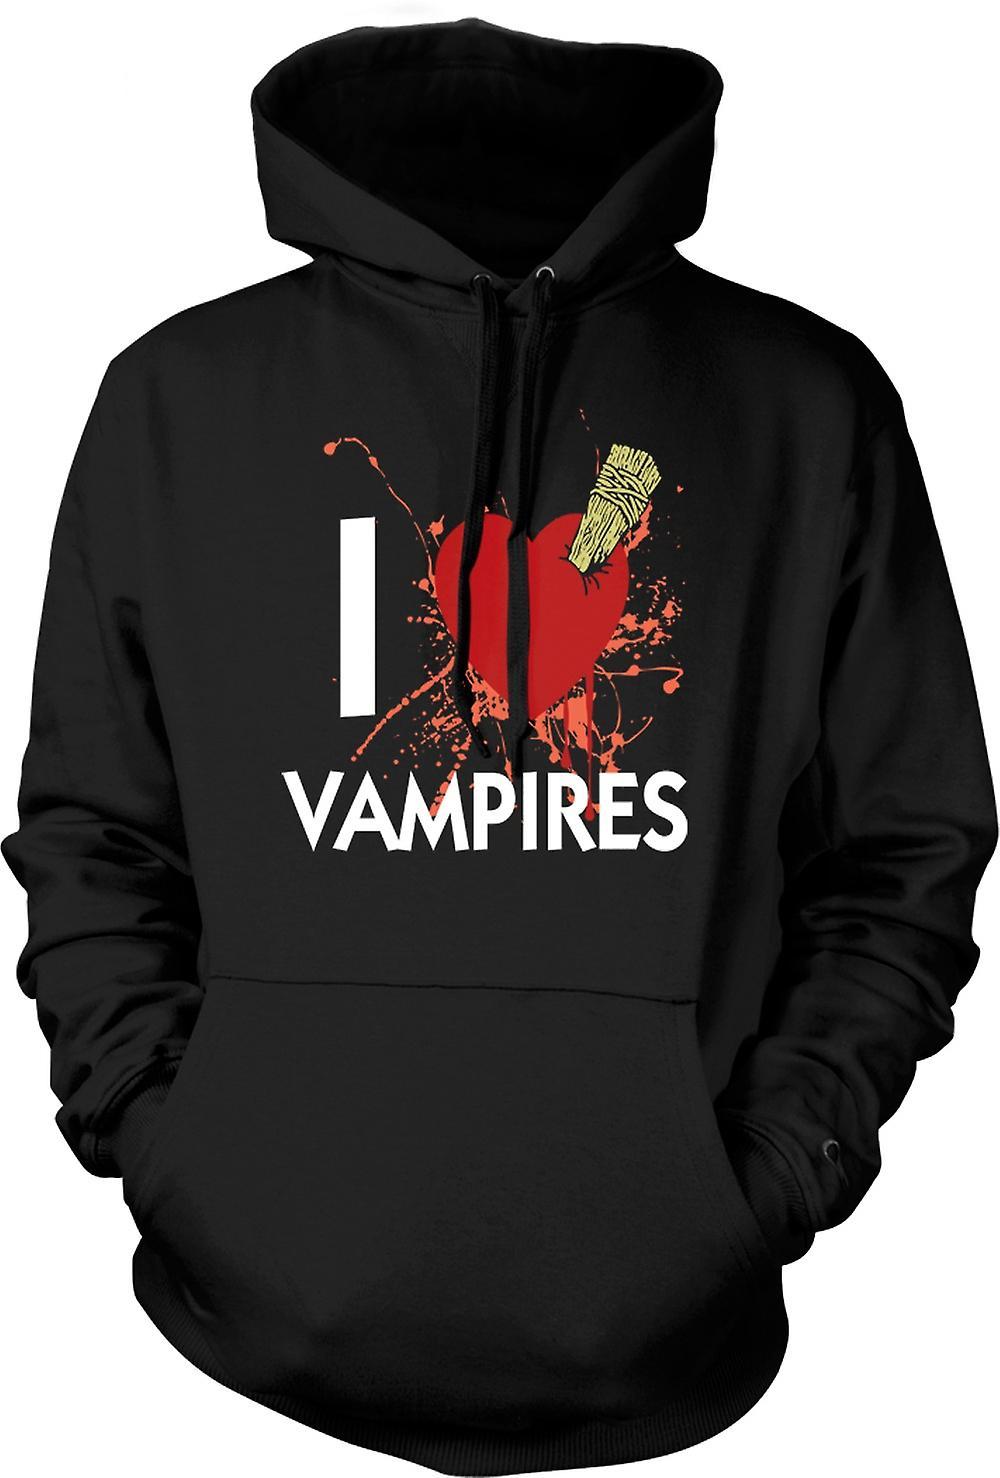 Mens Hoodie - I Love Vampires - Funny